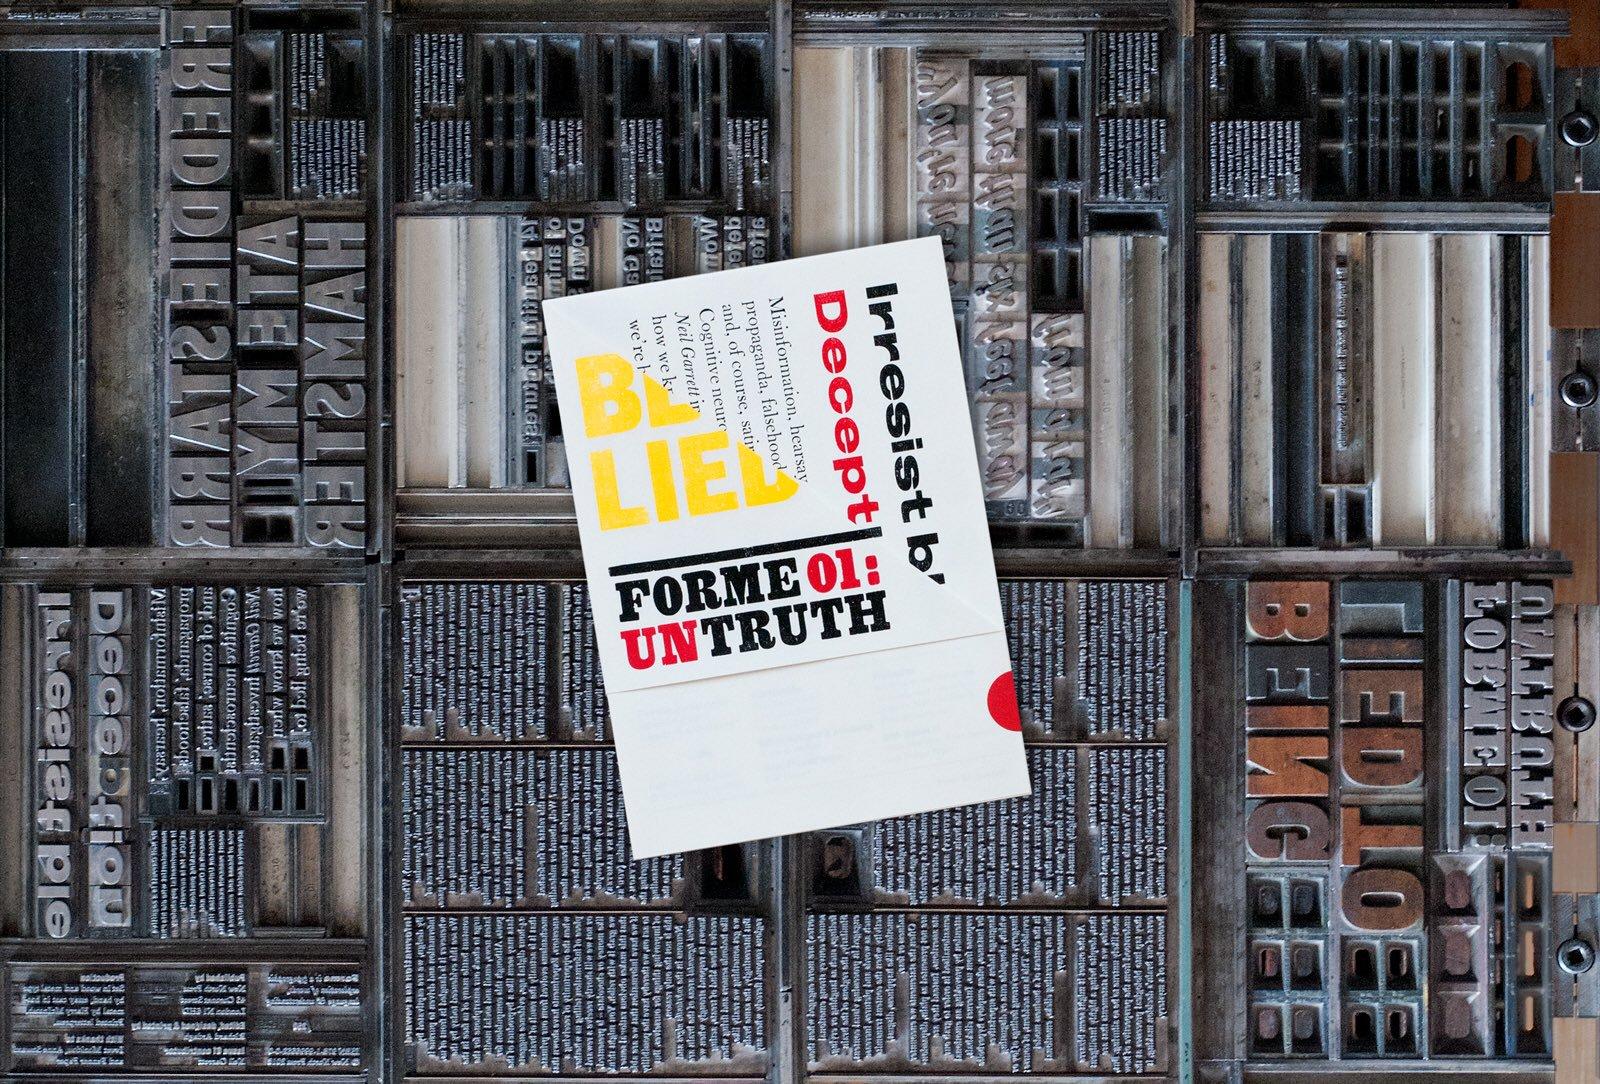 Forme: un nuovo poster magazine stampato in letterpress